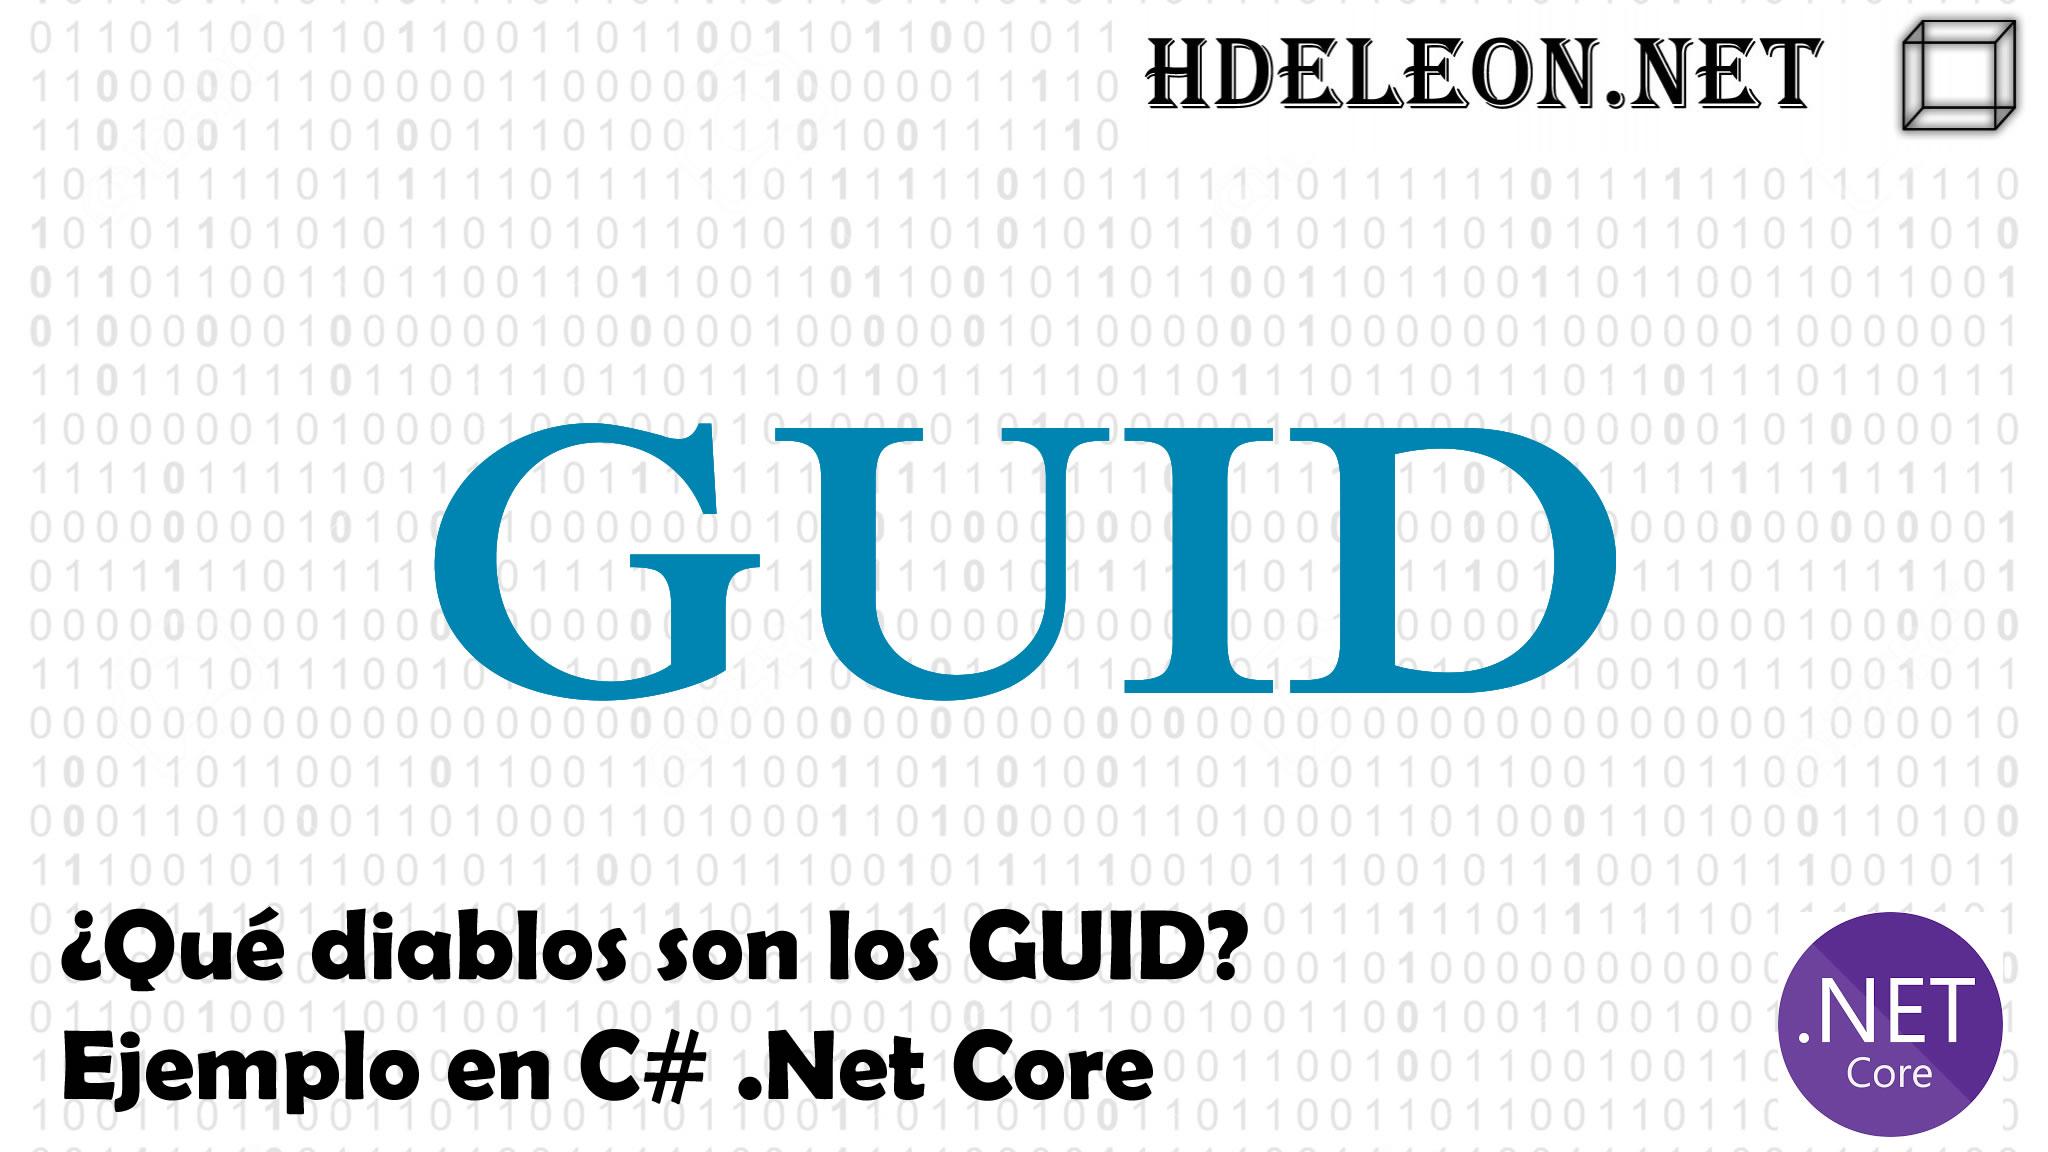 ¿Qué diablos son los GUID? Ejemplo en C# .Net Core